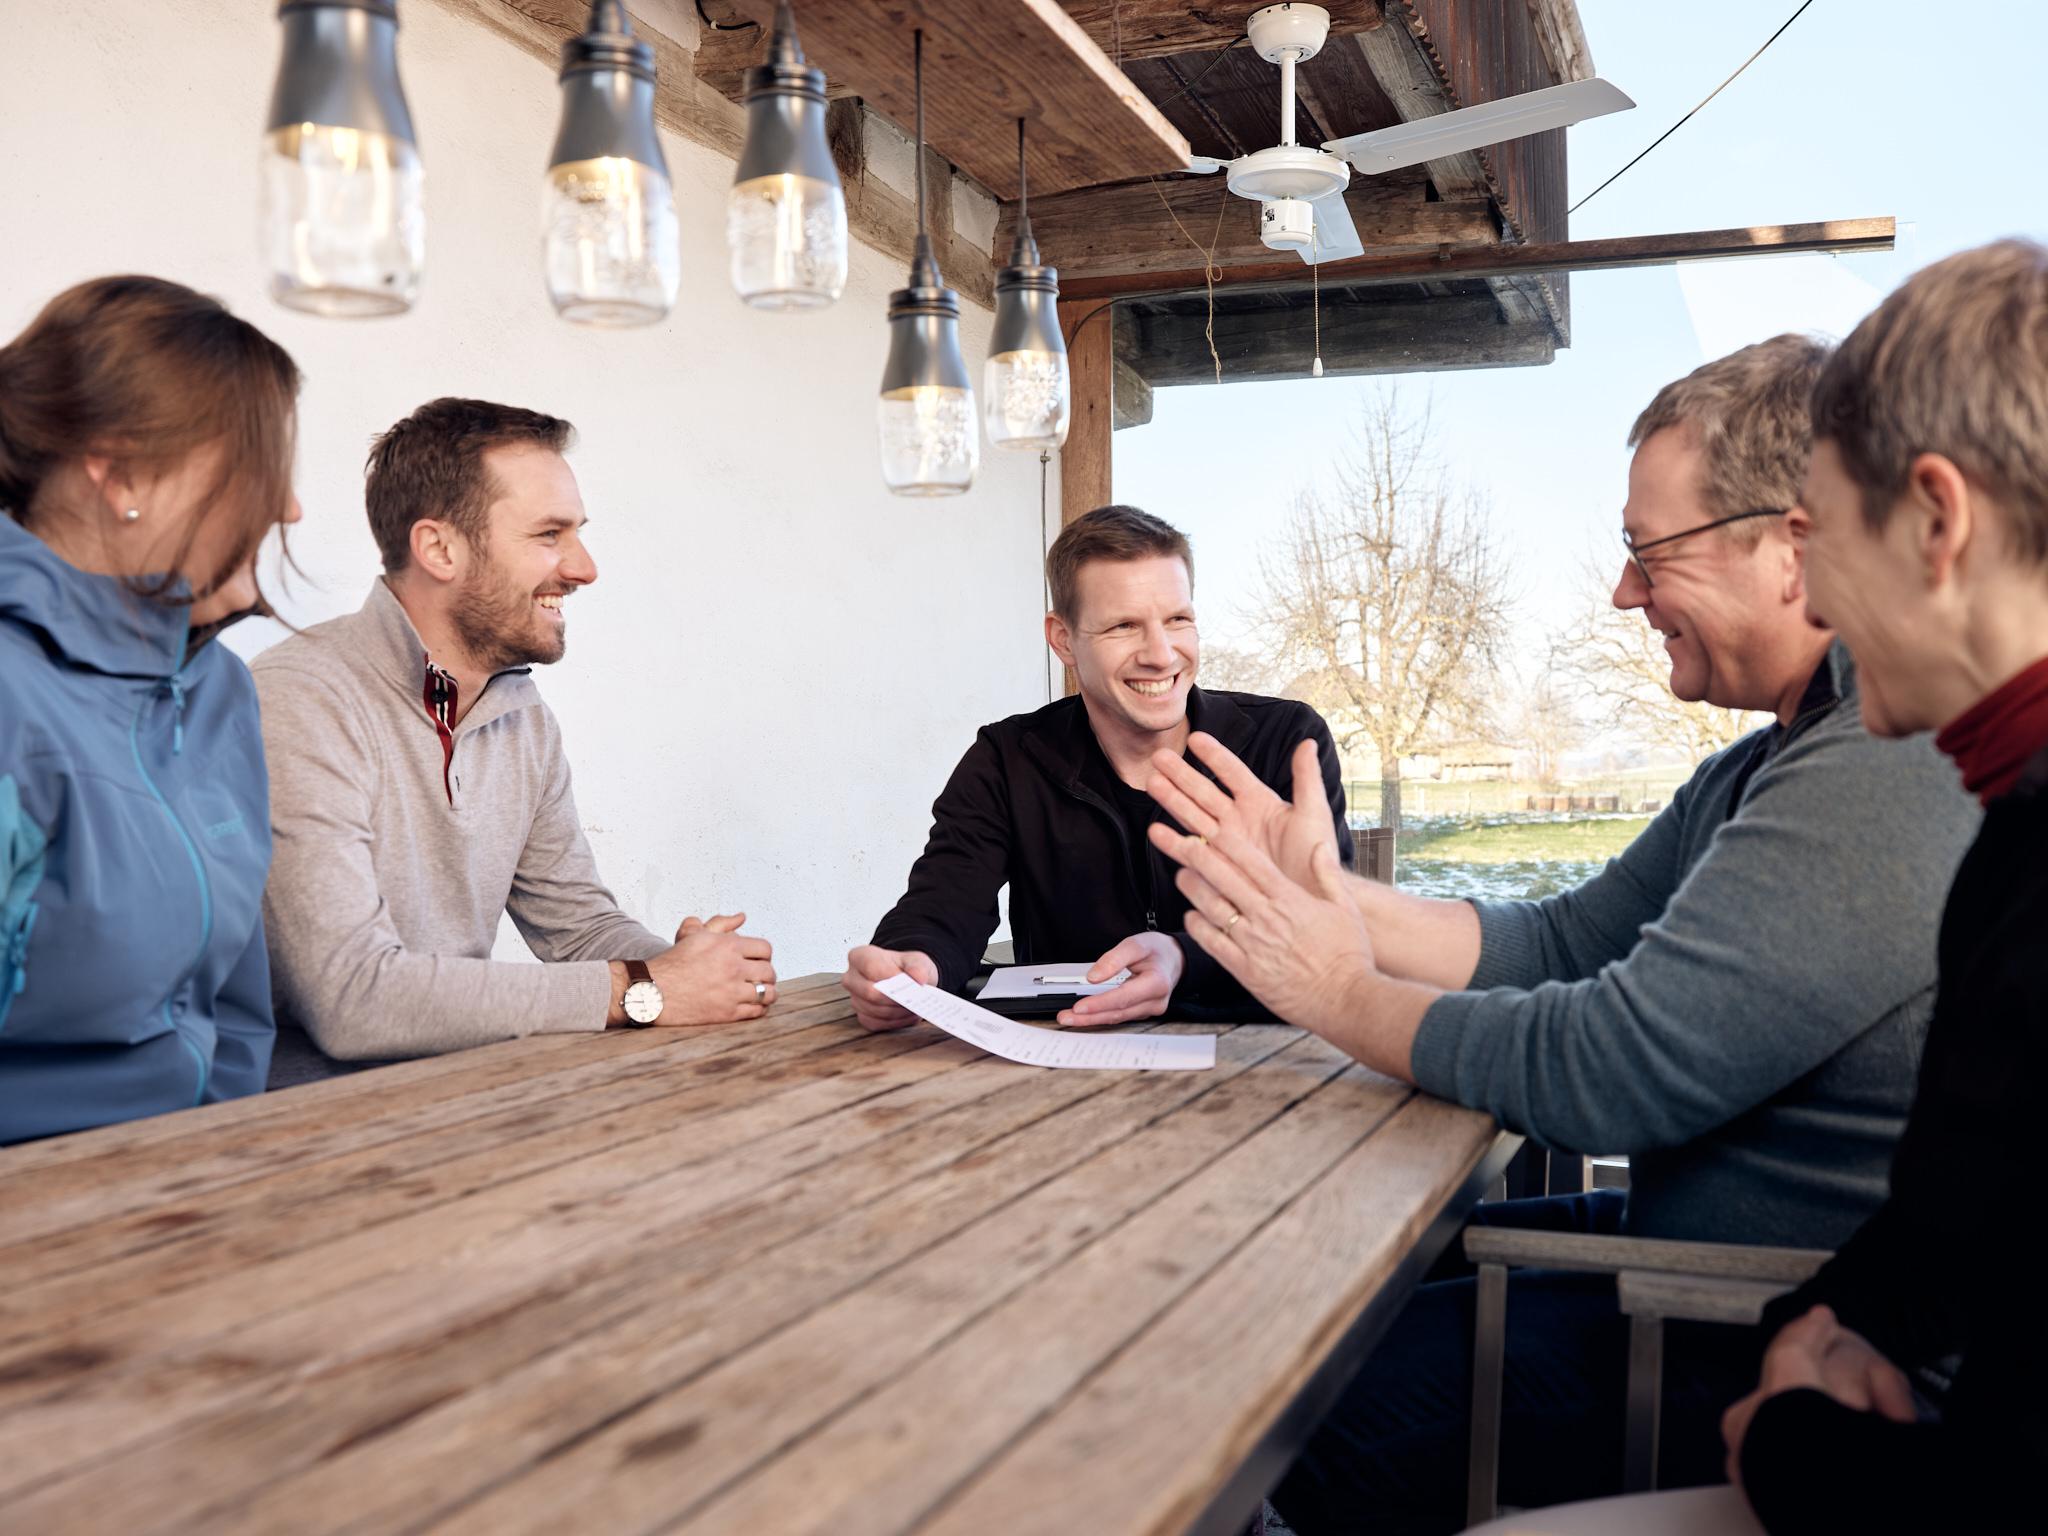 Alle - die Mieter, der Vermieter und der Spezialist für Ladelösung - sitzen am Tisch und beraten sich